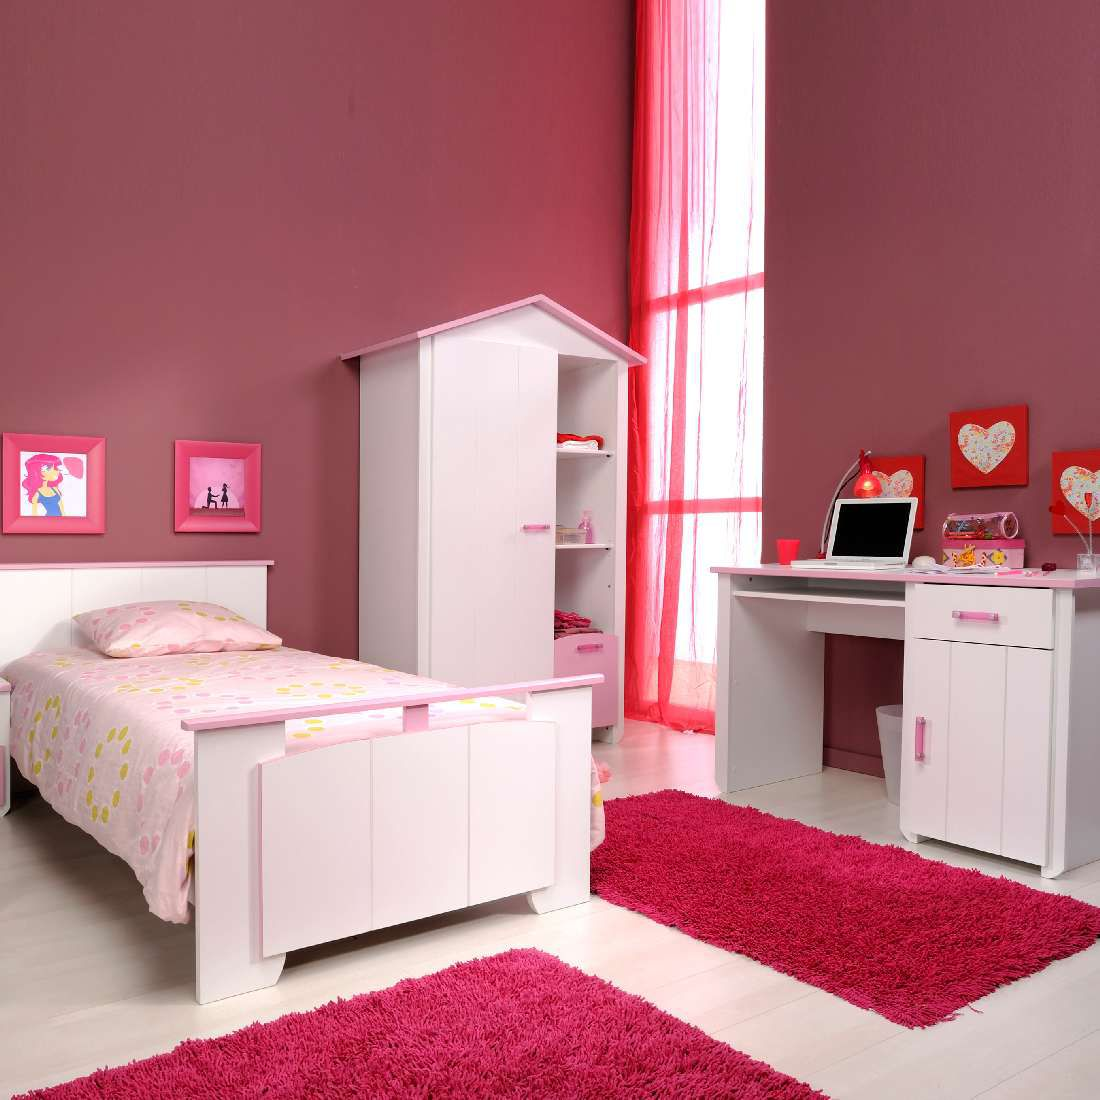 nachtkastje in landhuisstijl met 2 laden home affaire. Black Bedroom Furniture Sets. Home Design Ideas